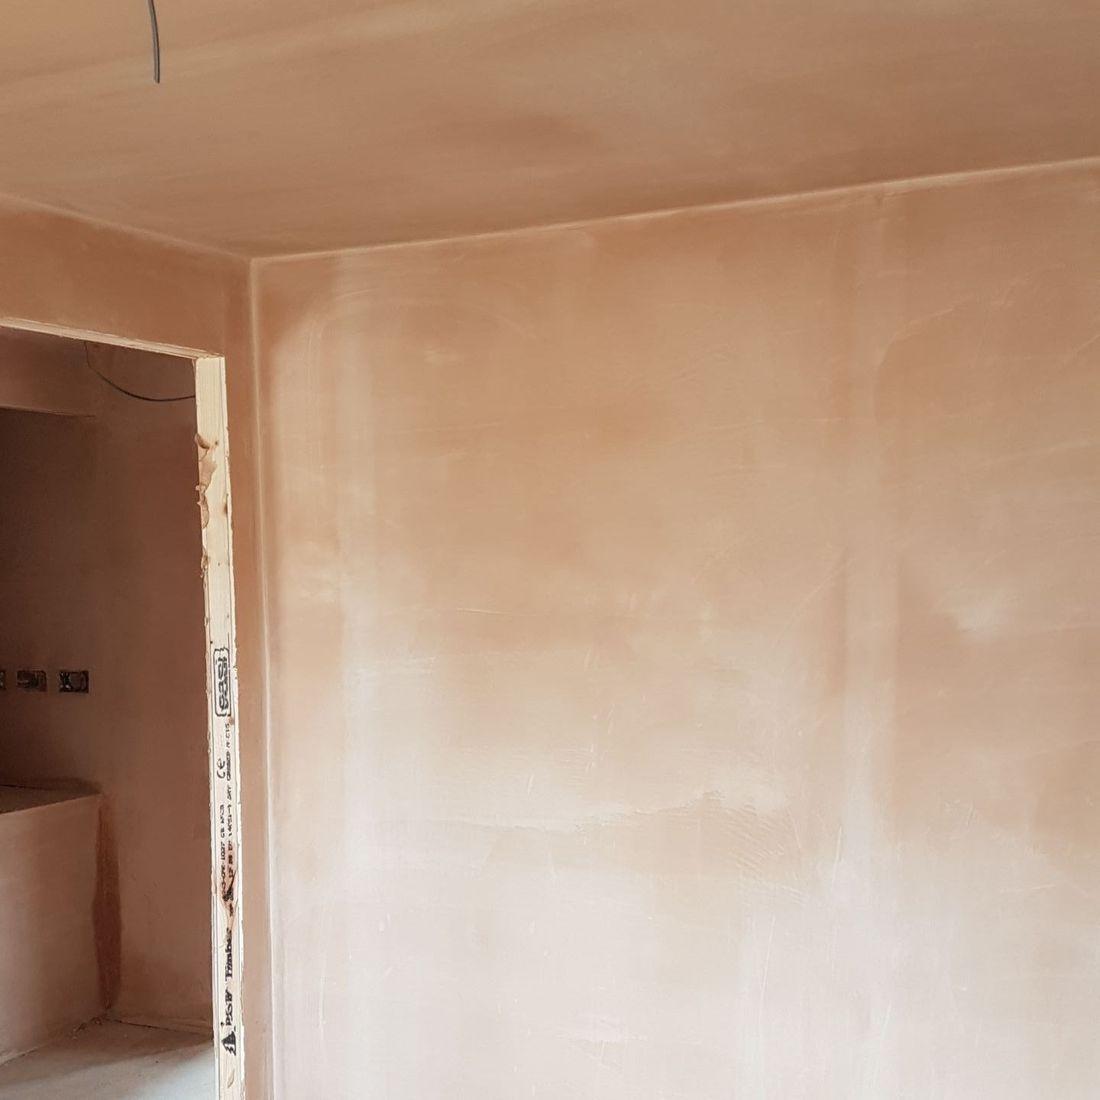 Plastering Works